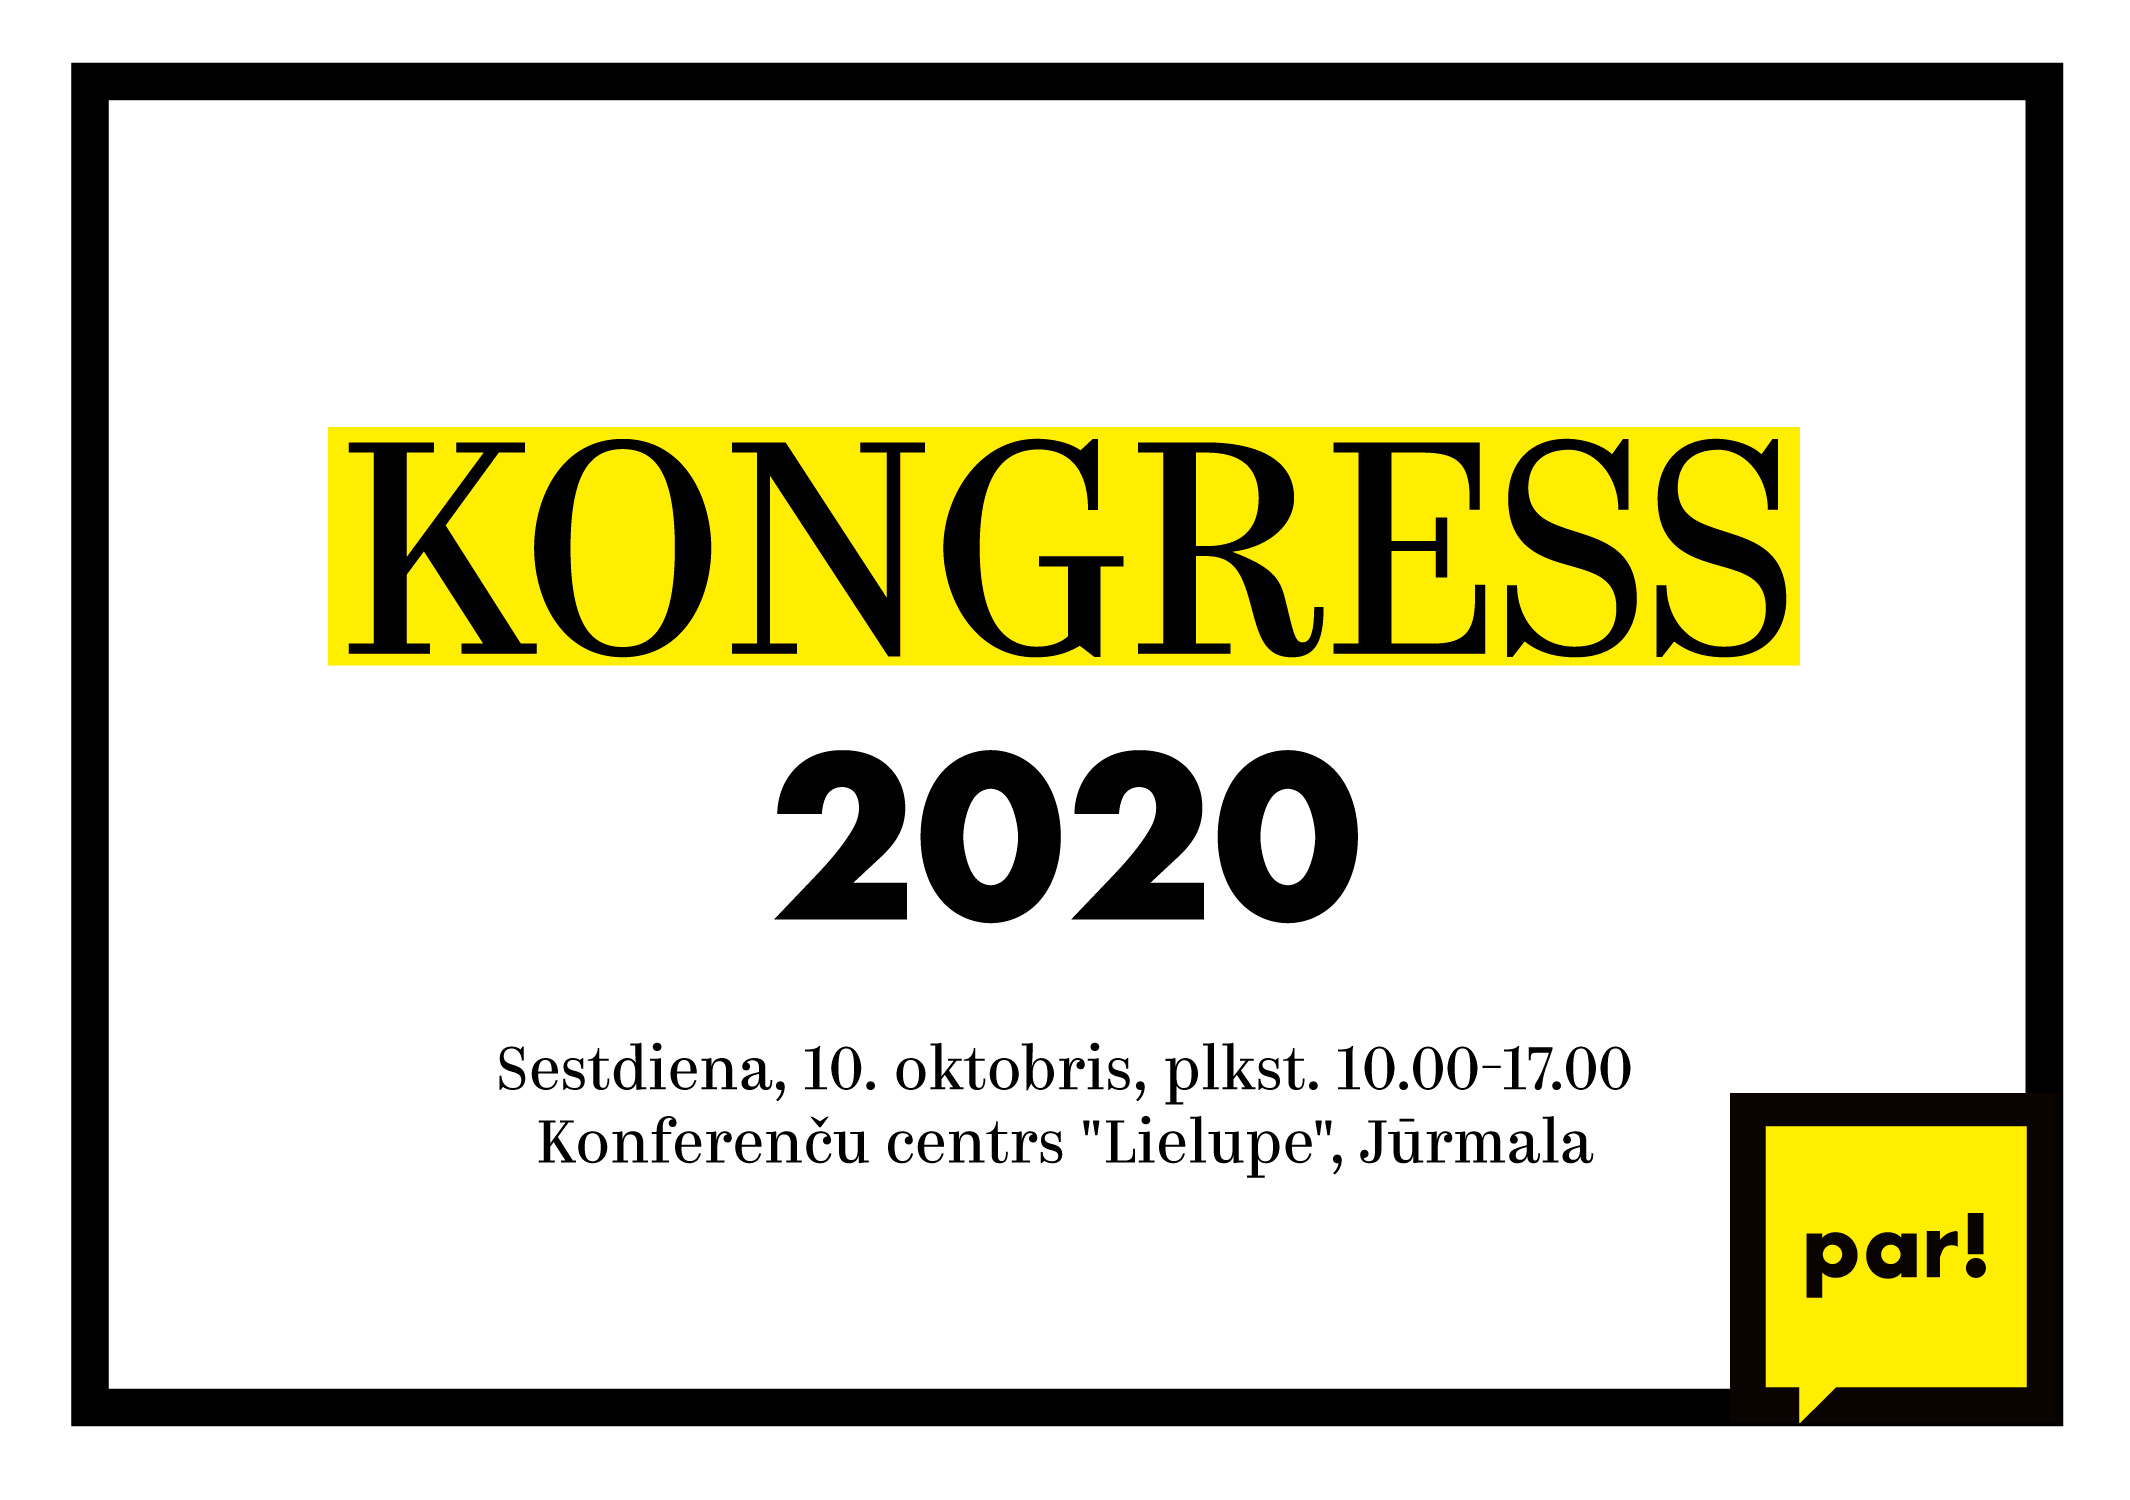 """Kustība """"Par!"""" kongresā 10. oktobrī Jūrmalā un tiešsaistē lems par nostādnēm ceļā uz pašvaldību vēlēšanām"""